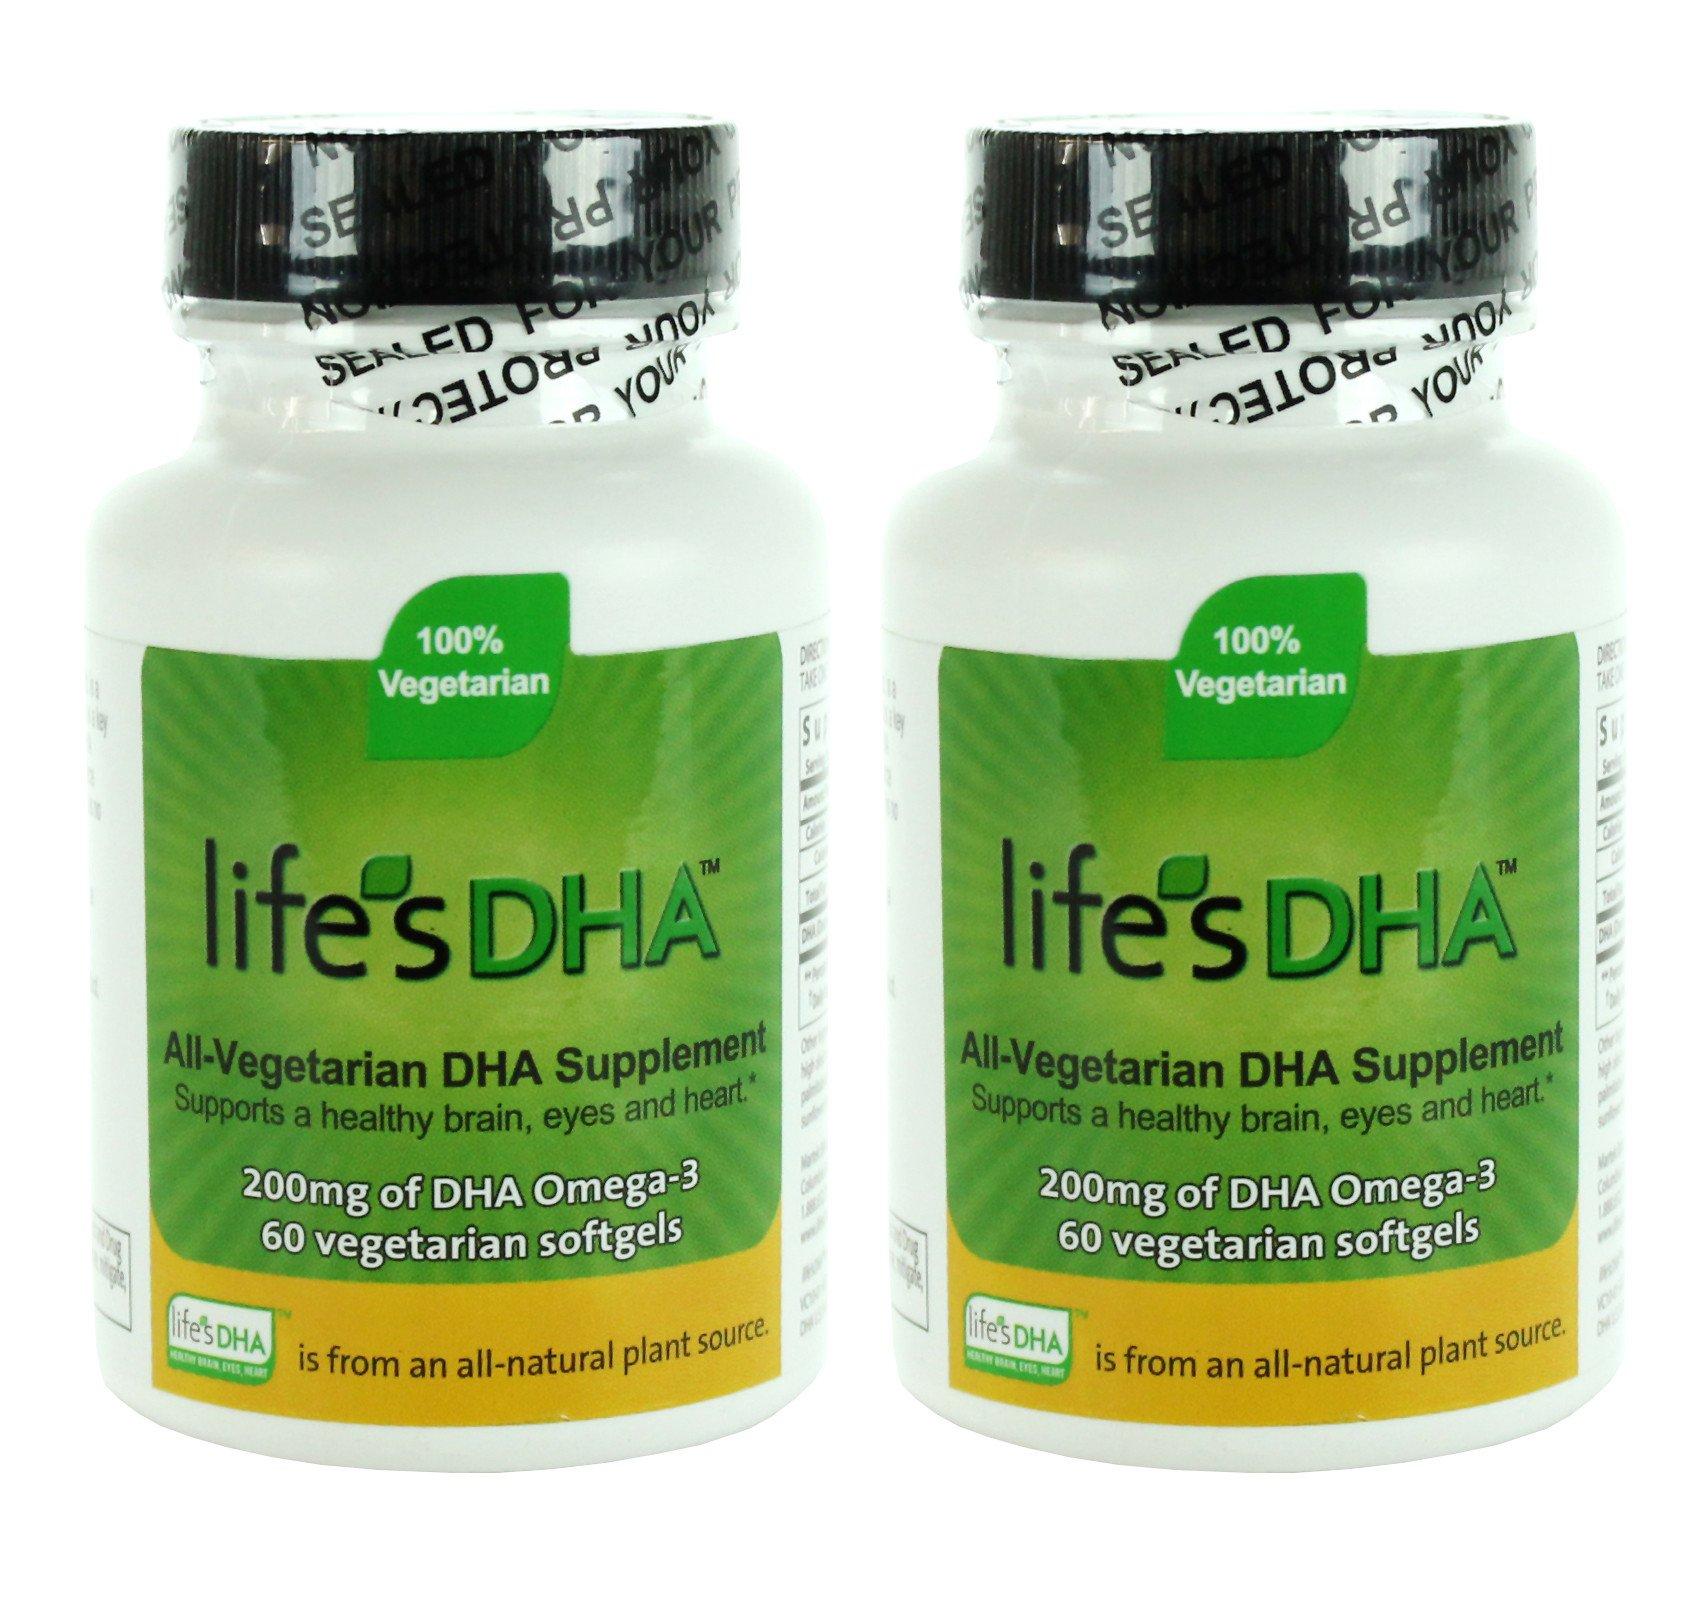 Martek DHA 200 mg de la vida all-vegetarian softgels, 60 Count, 2